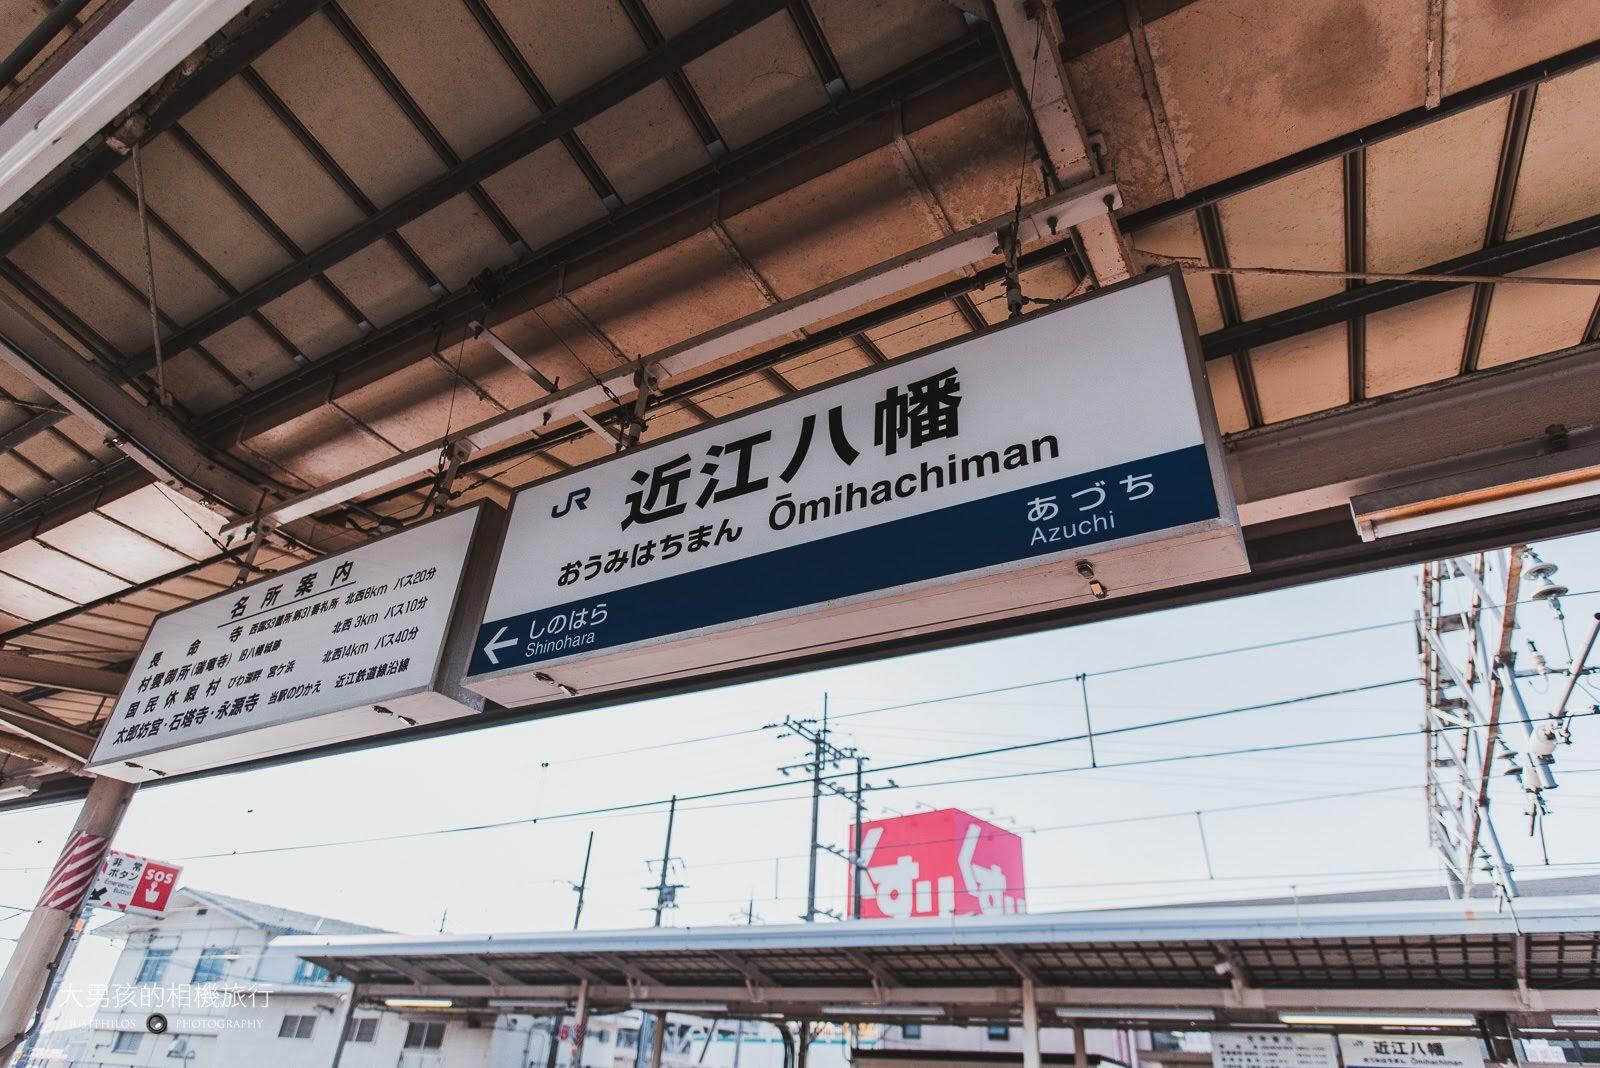 搭乘JR至近江八幡站下車,是前往近江八幡最直接和快速的方式。